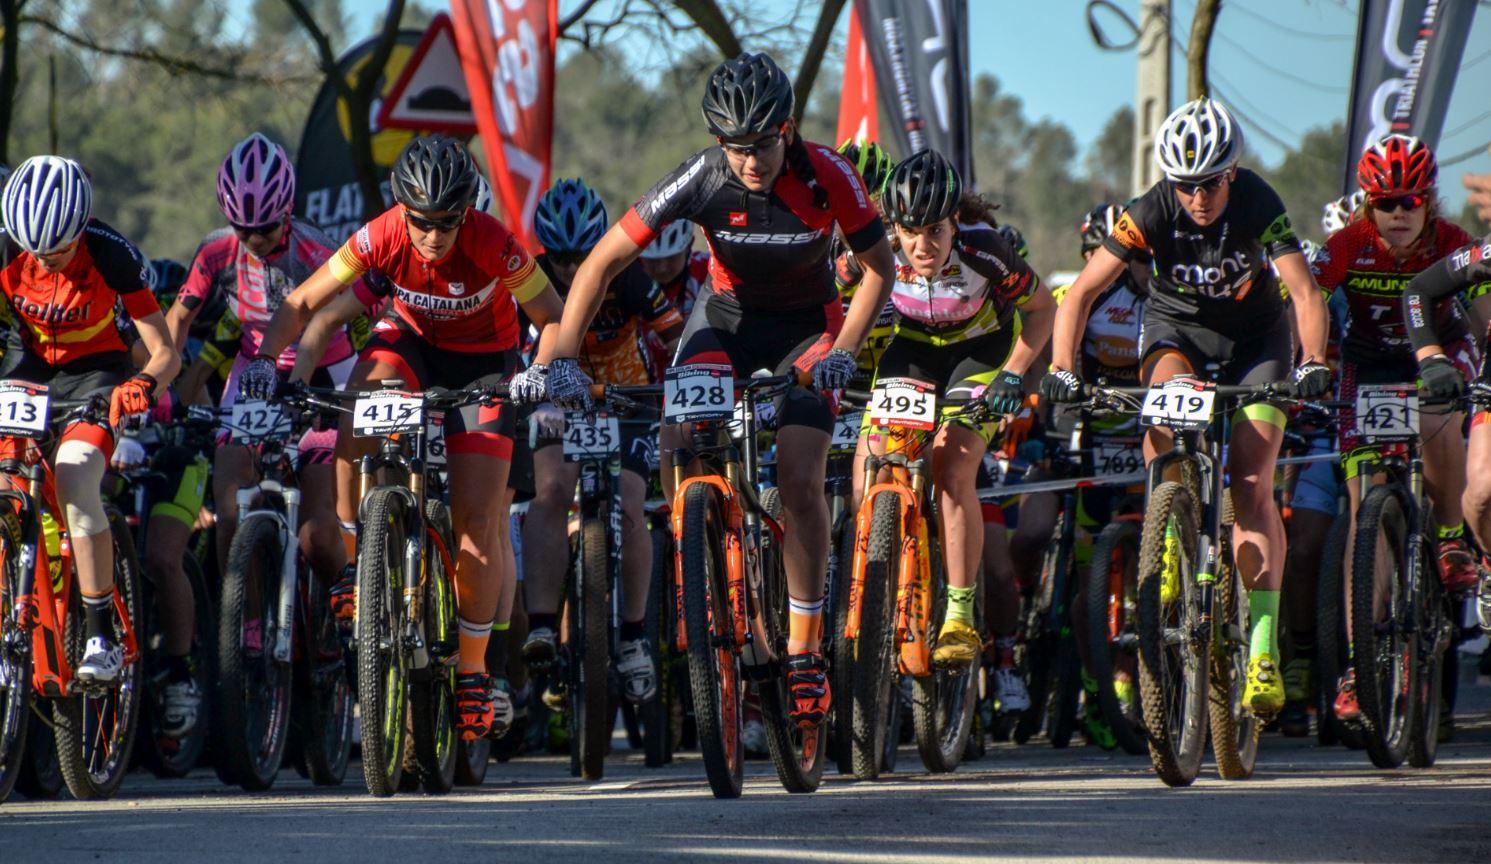 La Copa Catalana Internacional Biking Point de Corró d'Amunt donarà continuïtat al millor XCO